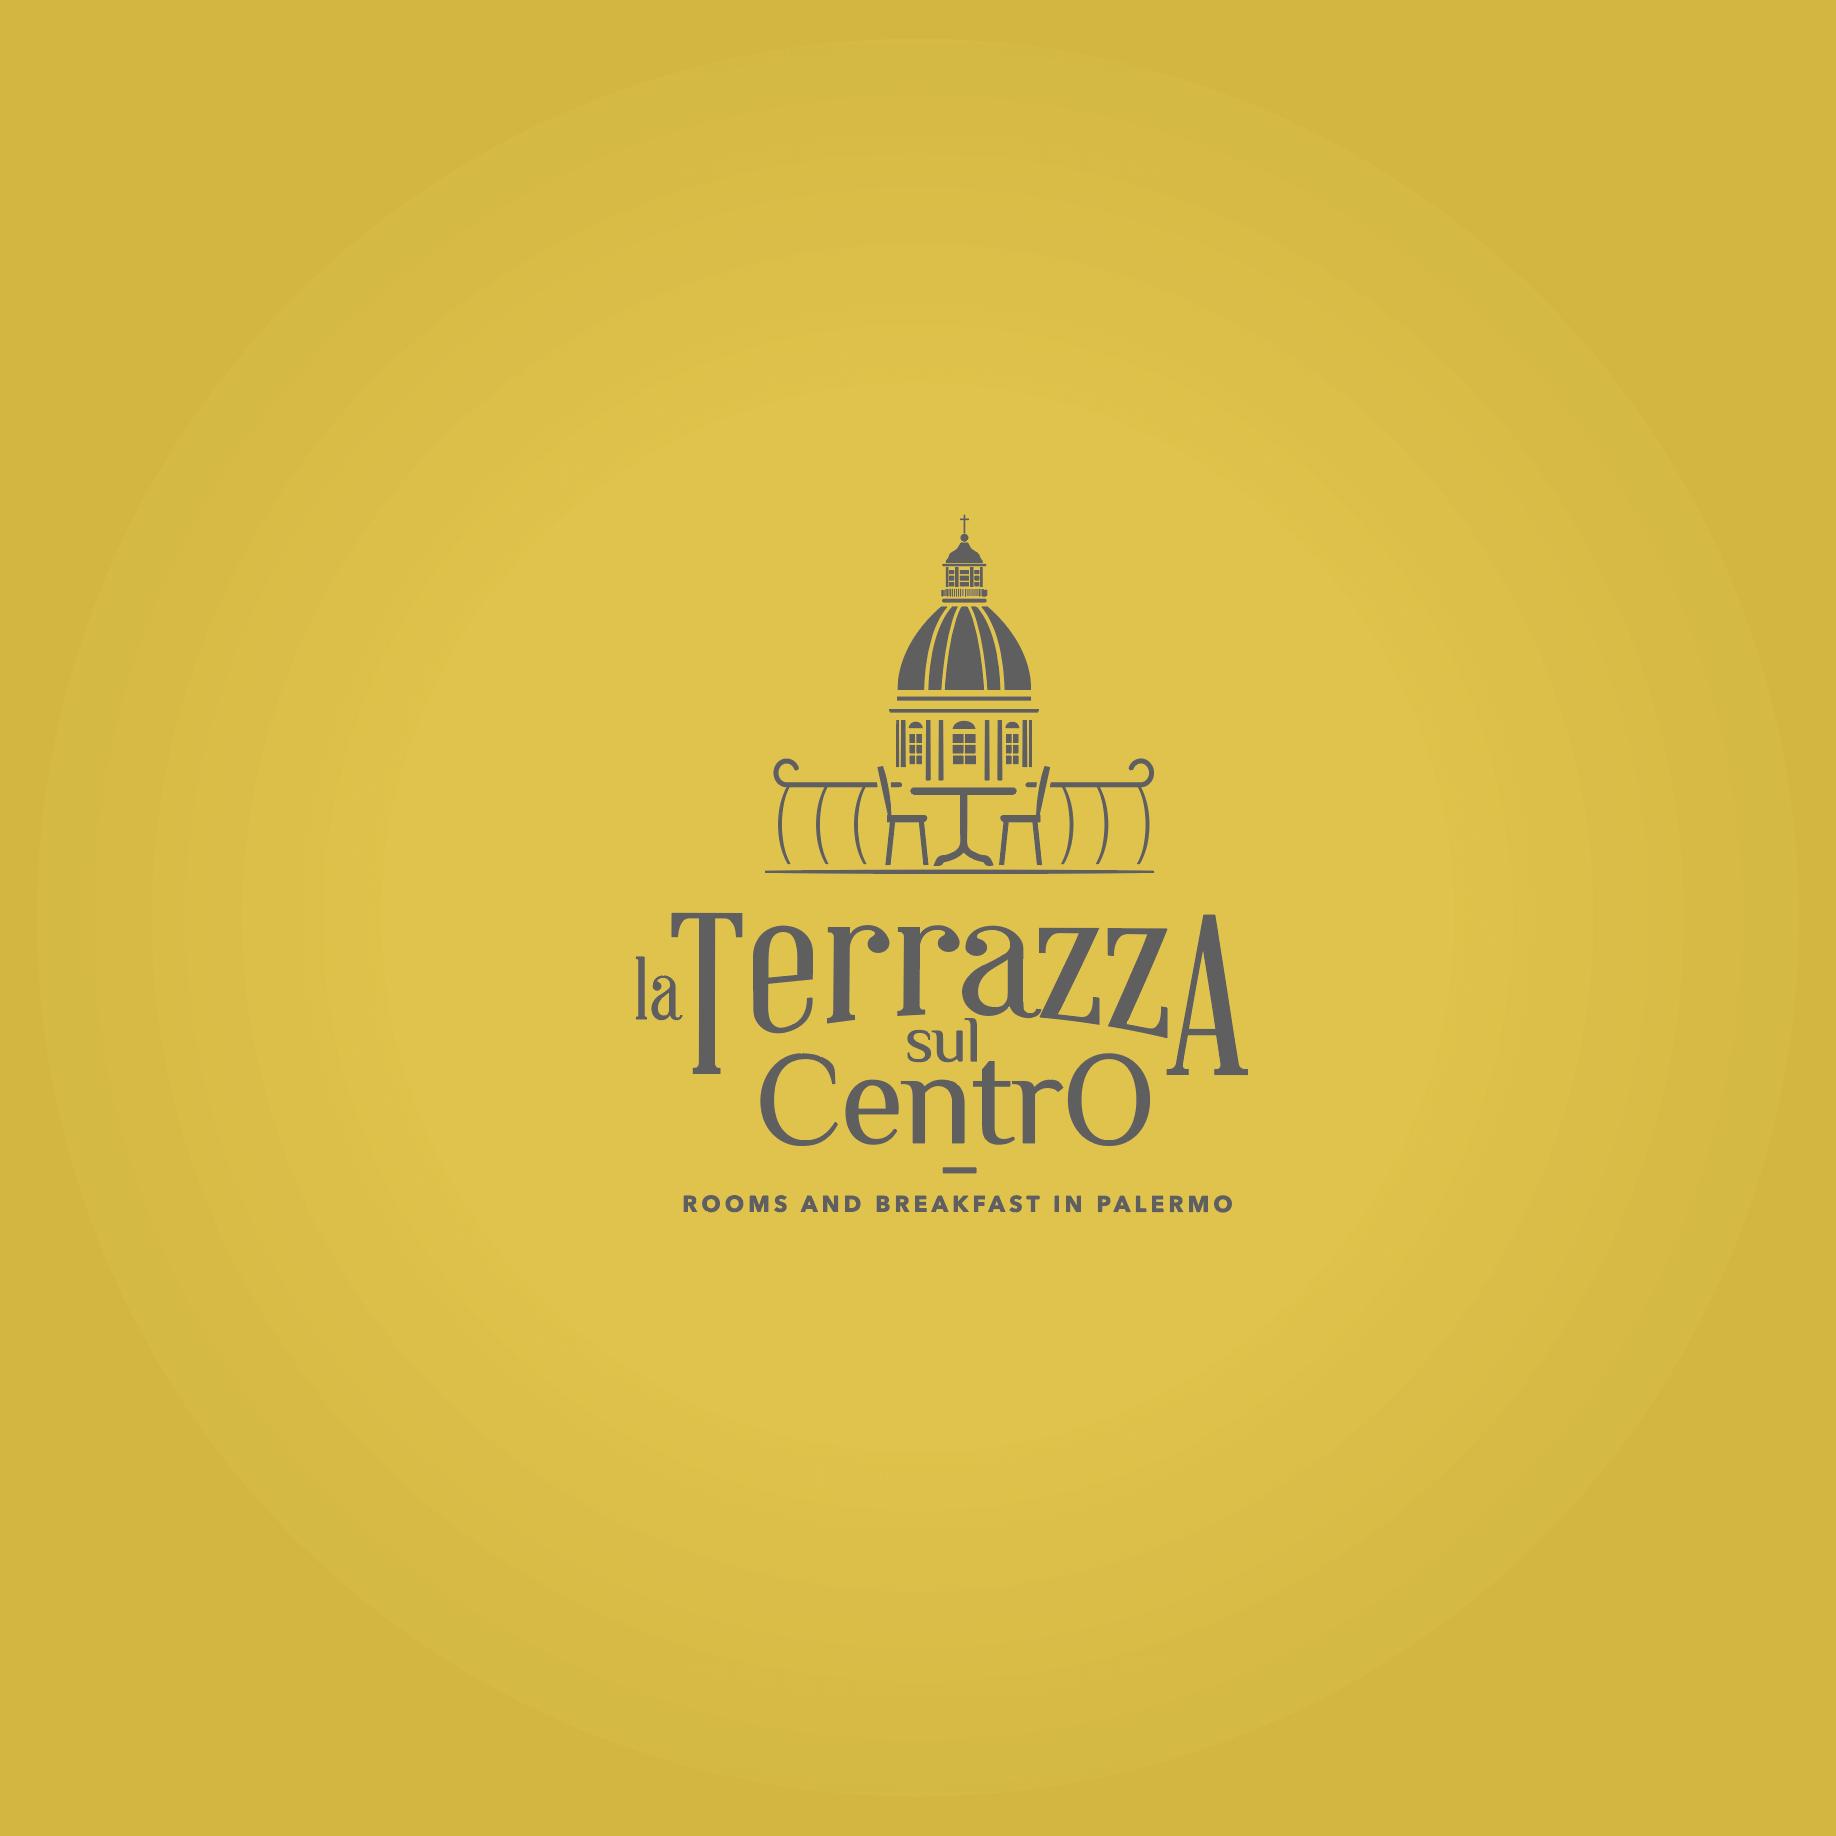 bbadv-brand-identity-la-terrazza-sul-centro-01